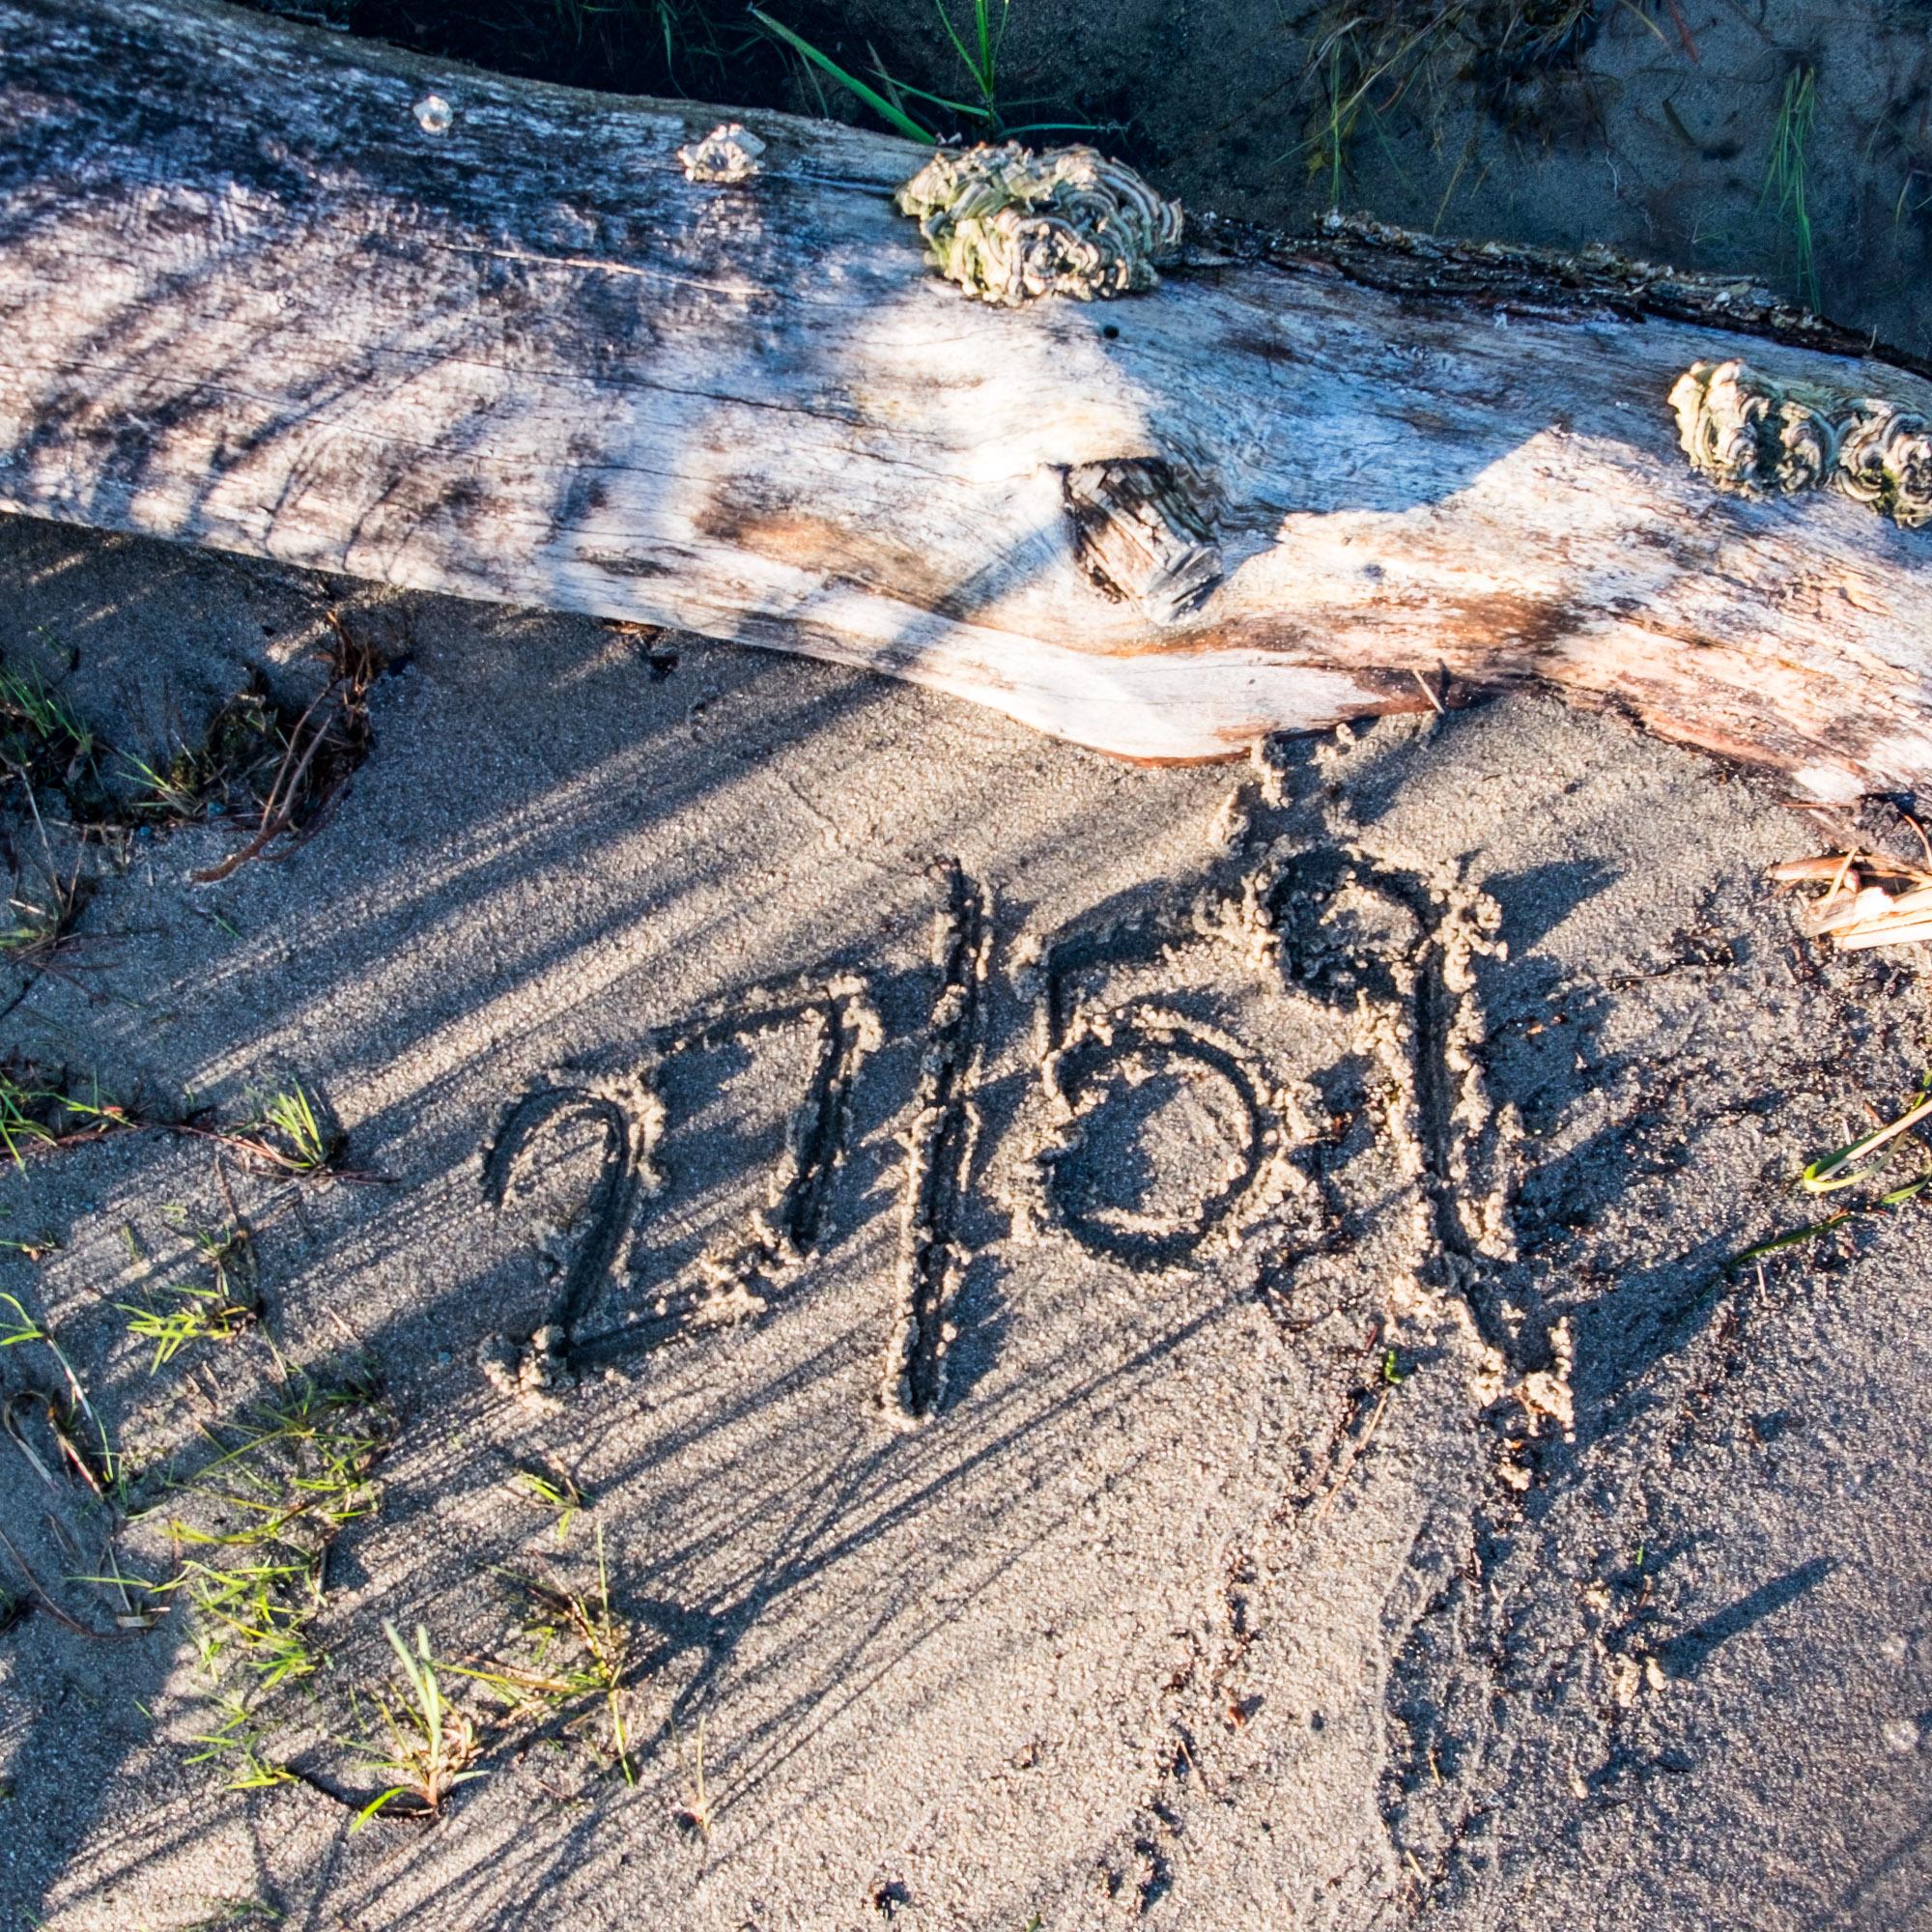 Voyageurs National Park....park number 27 of 59!